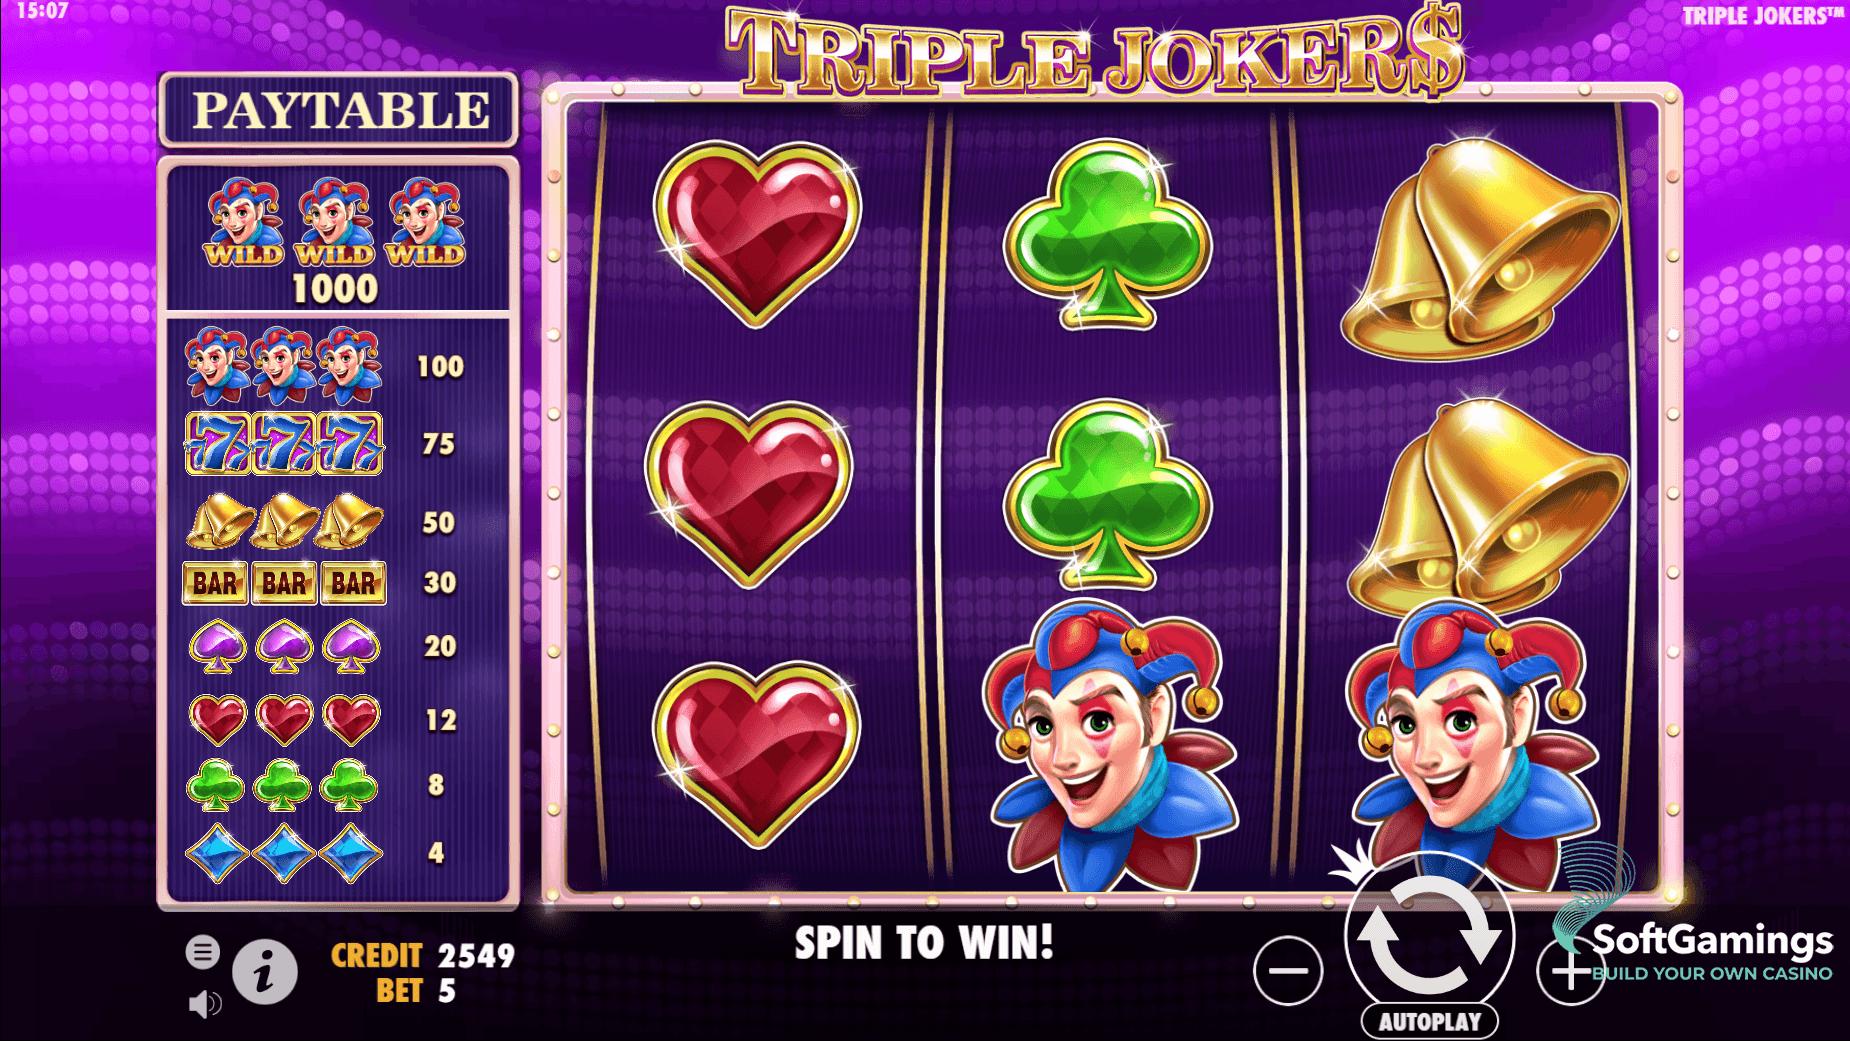 Ставок triple jokers тройной джокер игровой автомат